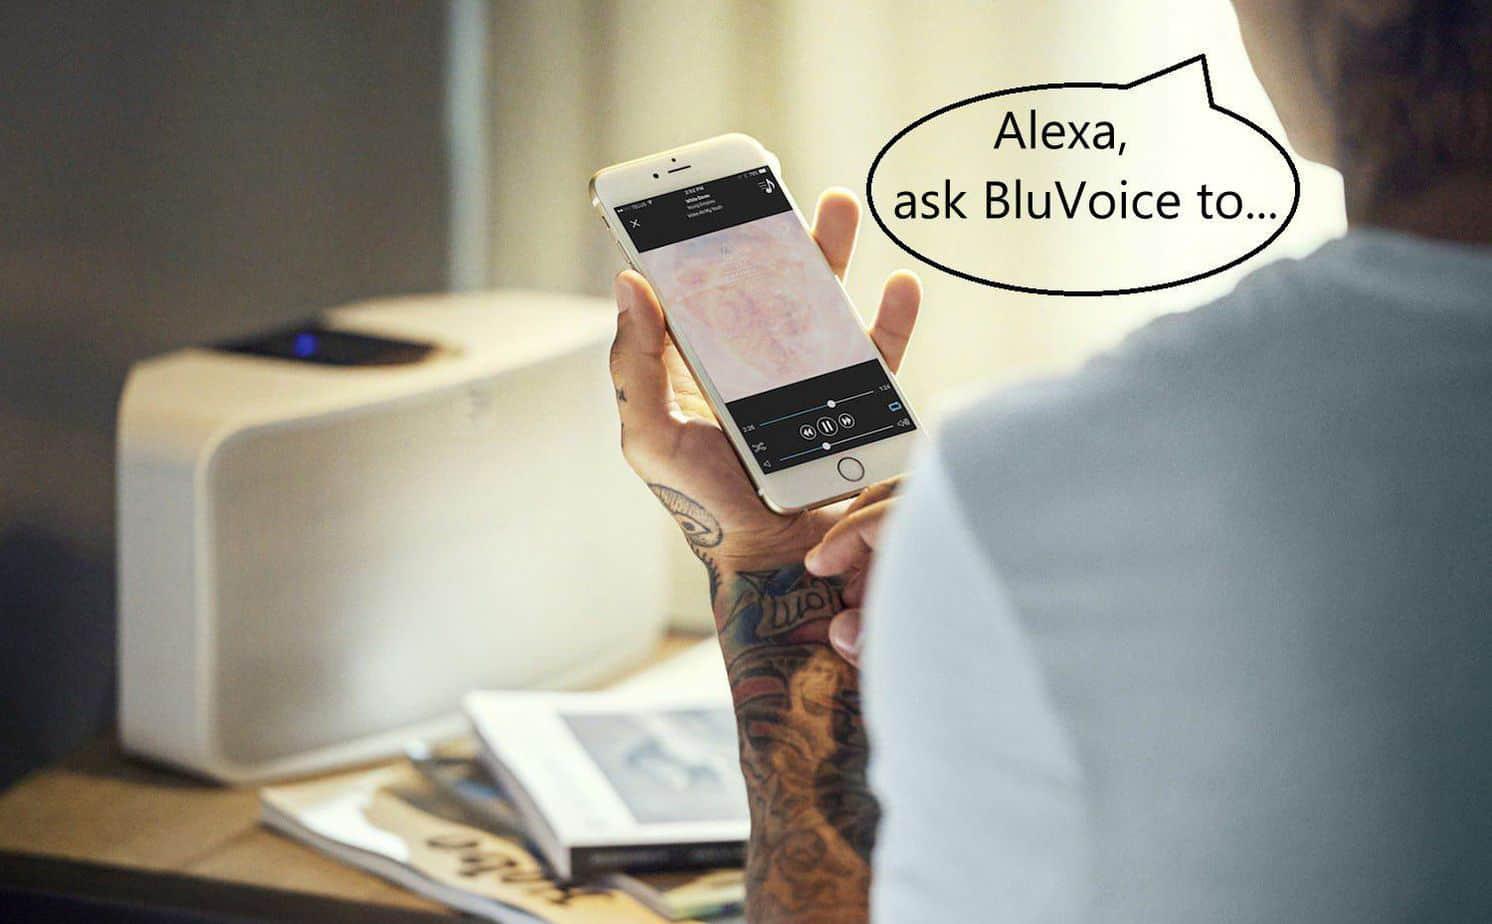 Nâng Cao Hiệu Suất Làm Việc Ở Nhà Với Alexa 6